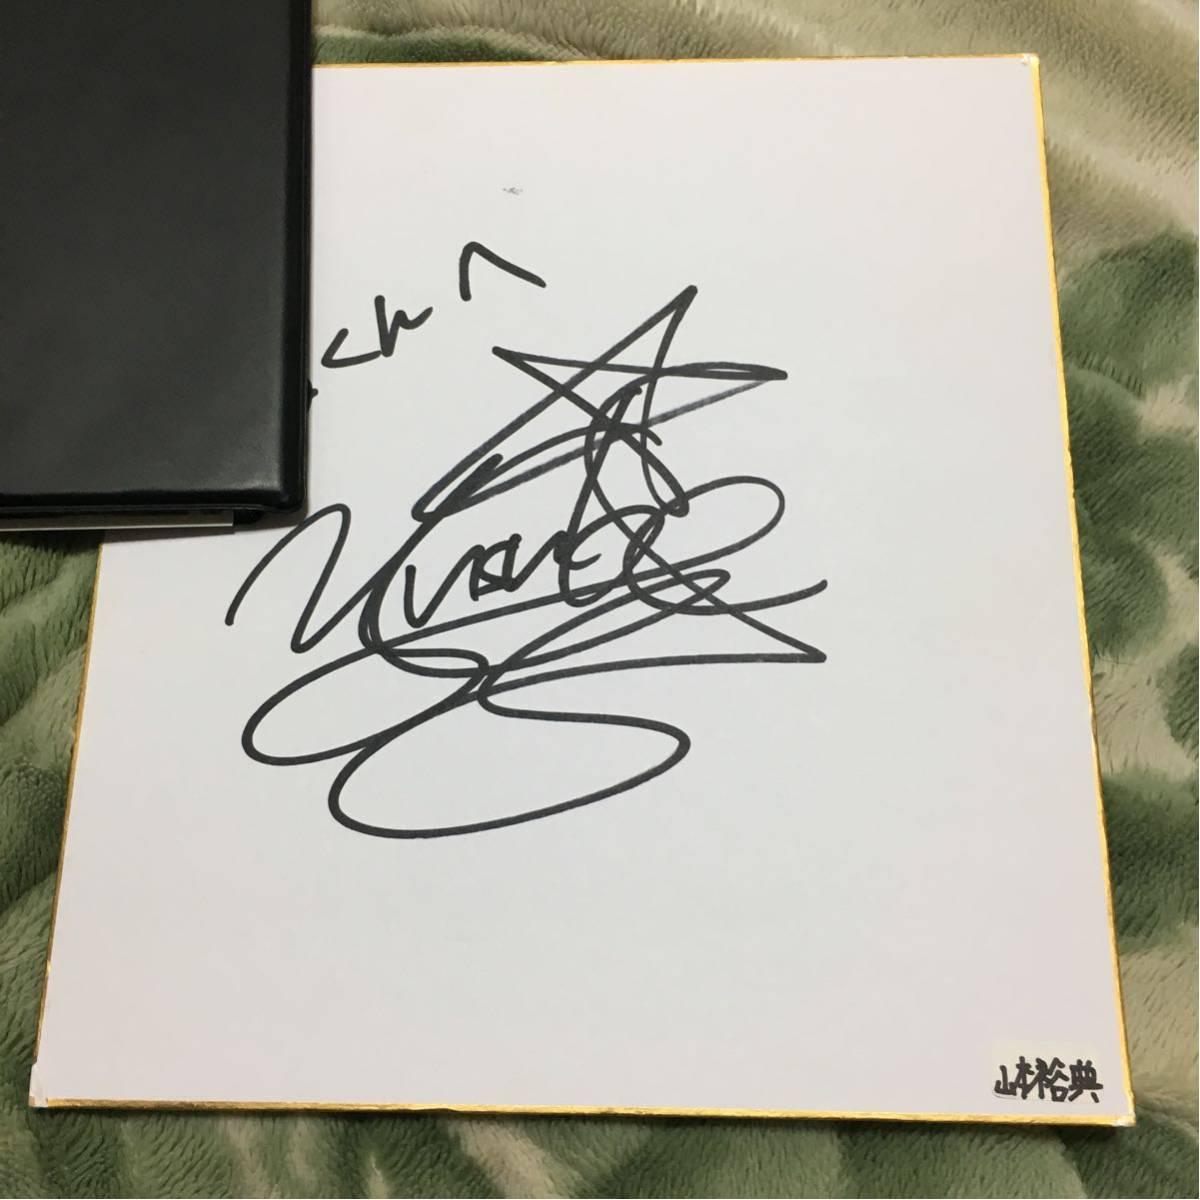 俳優山本裕典さん直筆サイン色紙宛名入り汚れあり